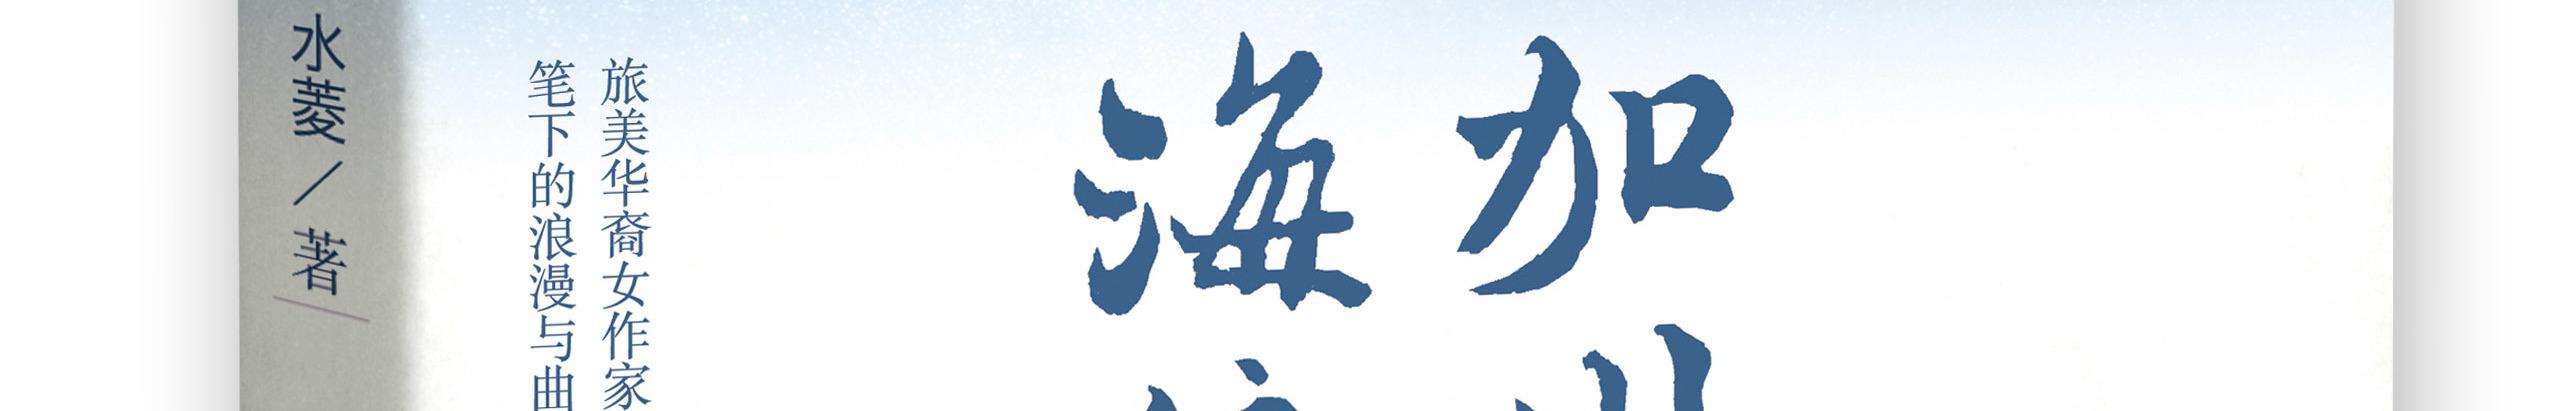 8k66t9 banner